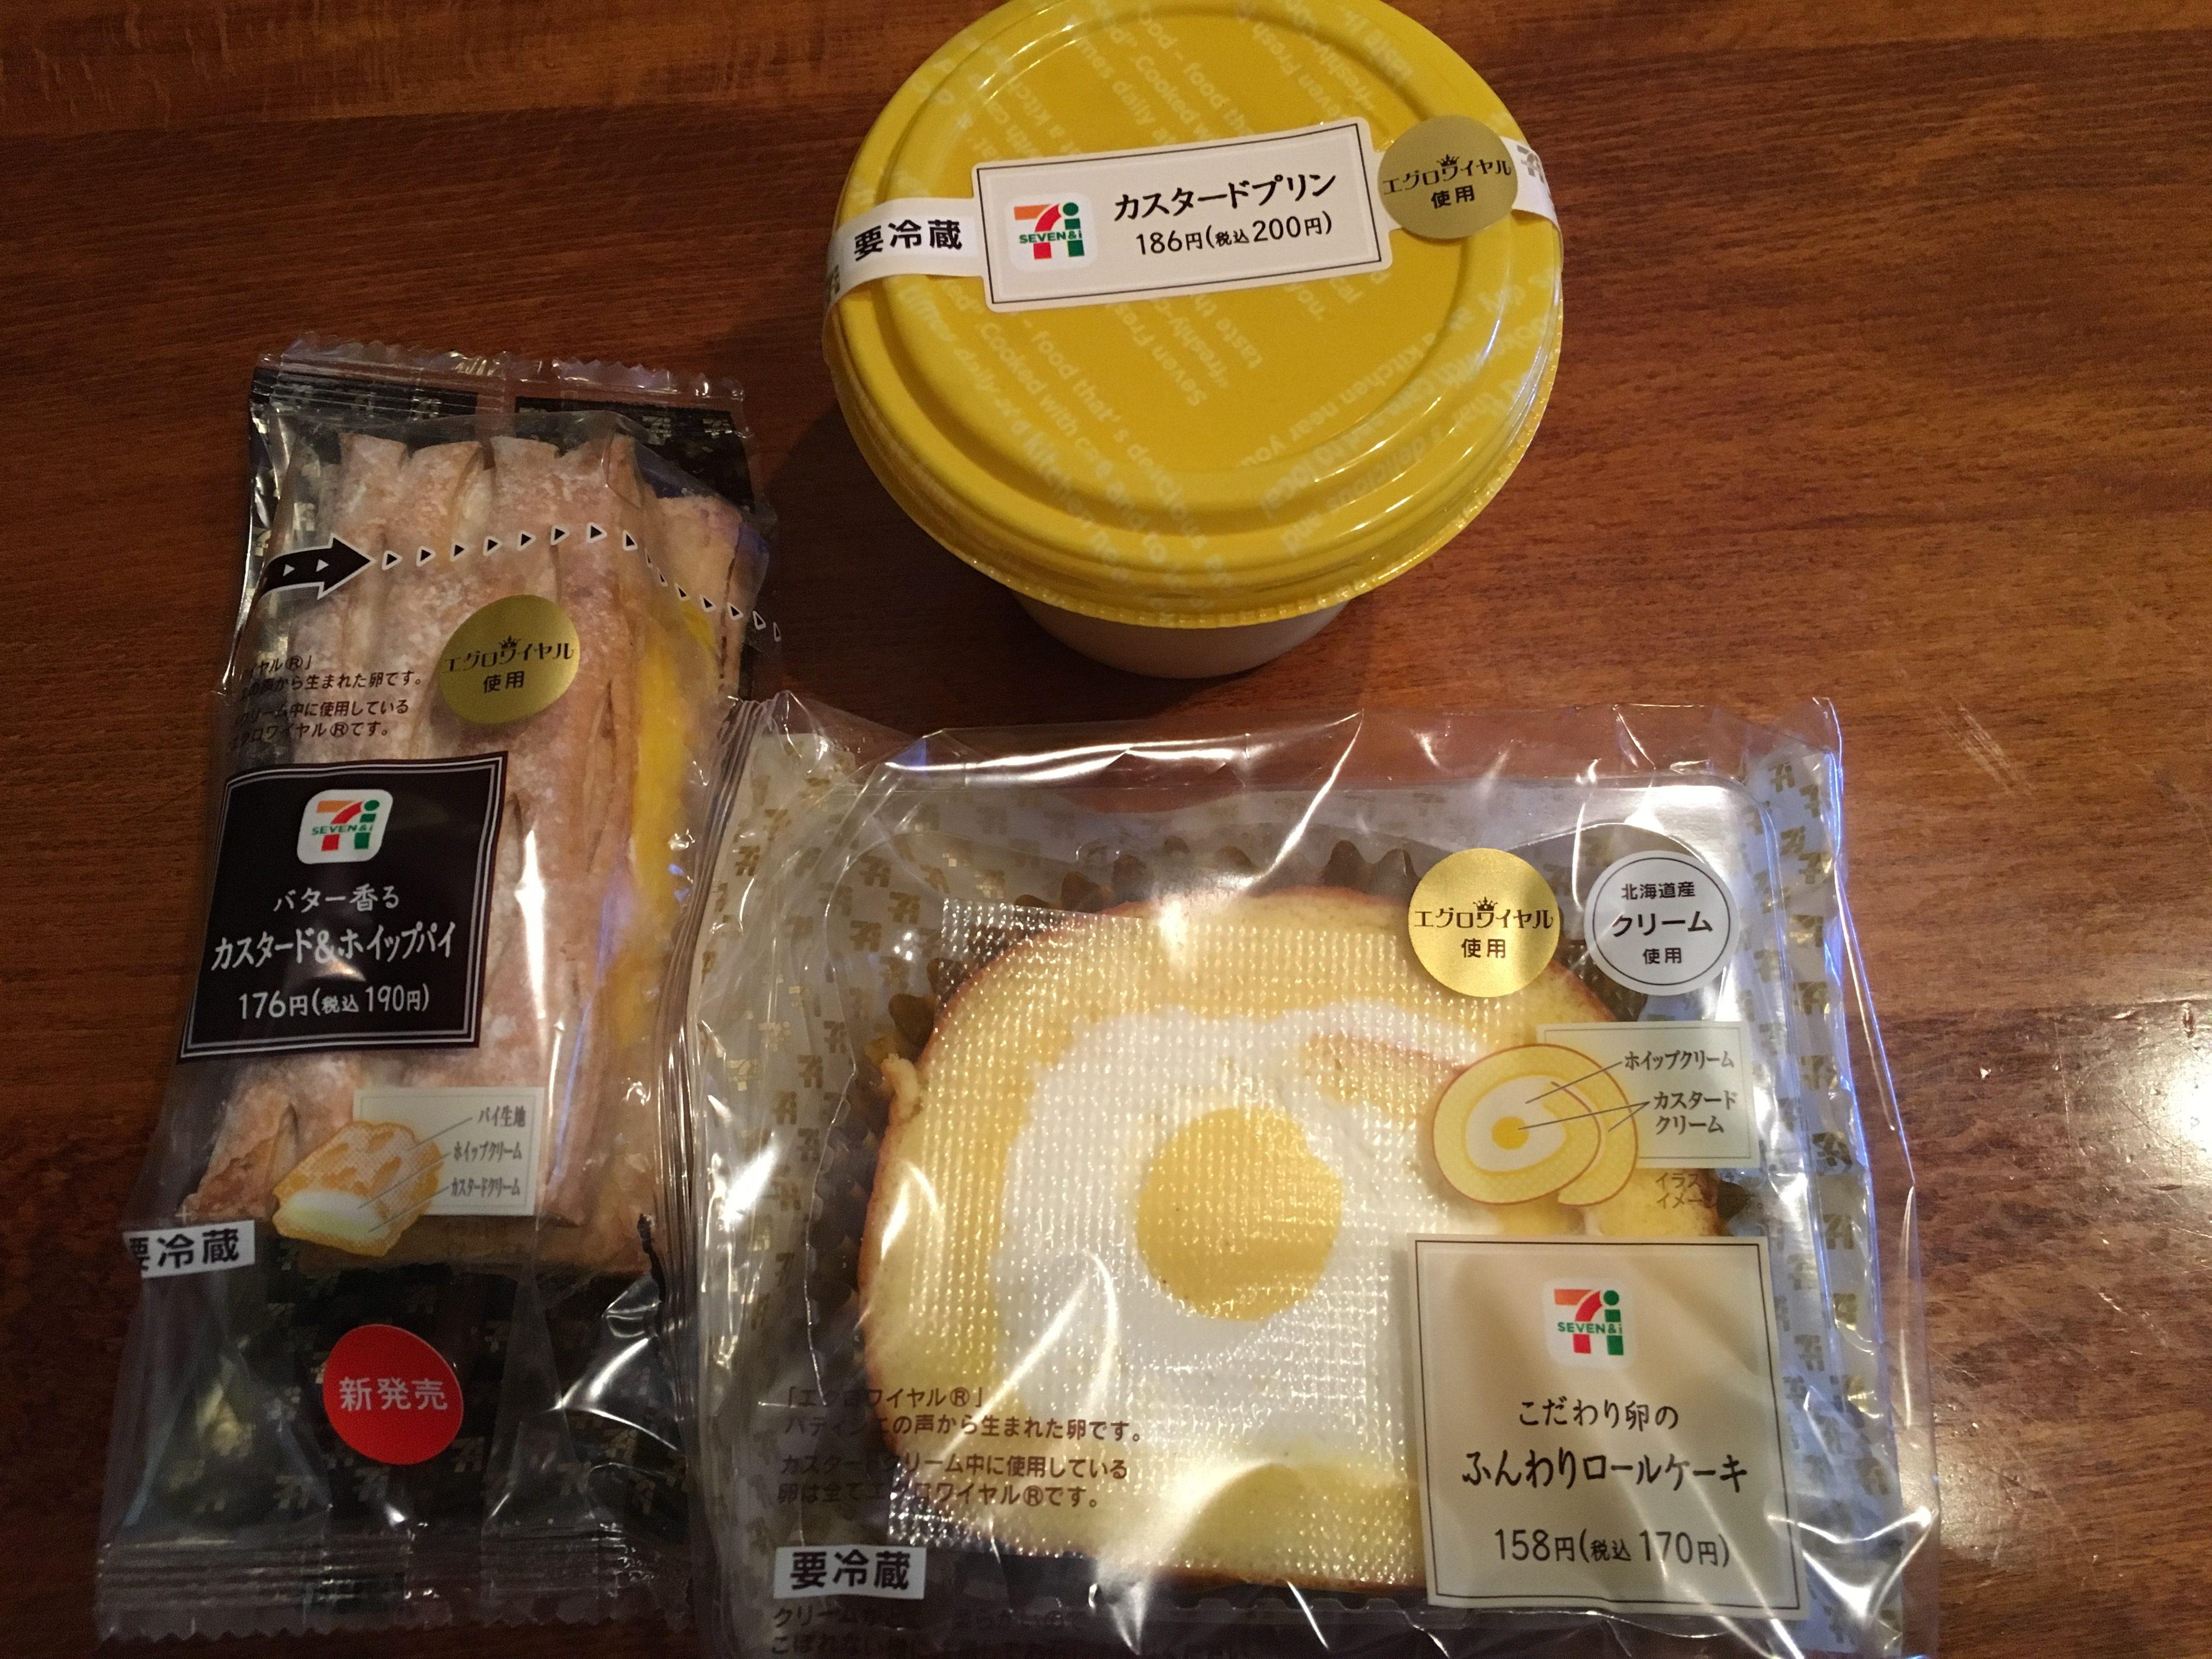 【セブンイレブン】エッグロワイヤル使用スイーツを実食!味やカロリーは?